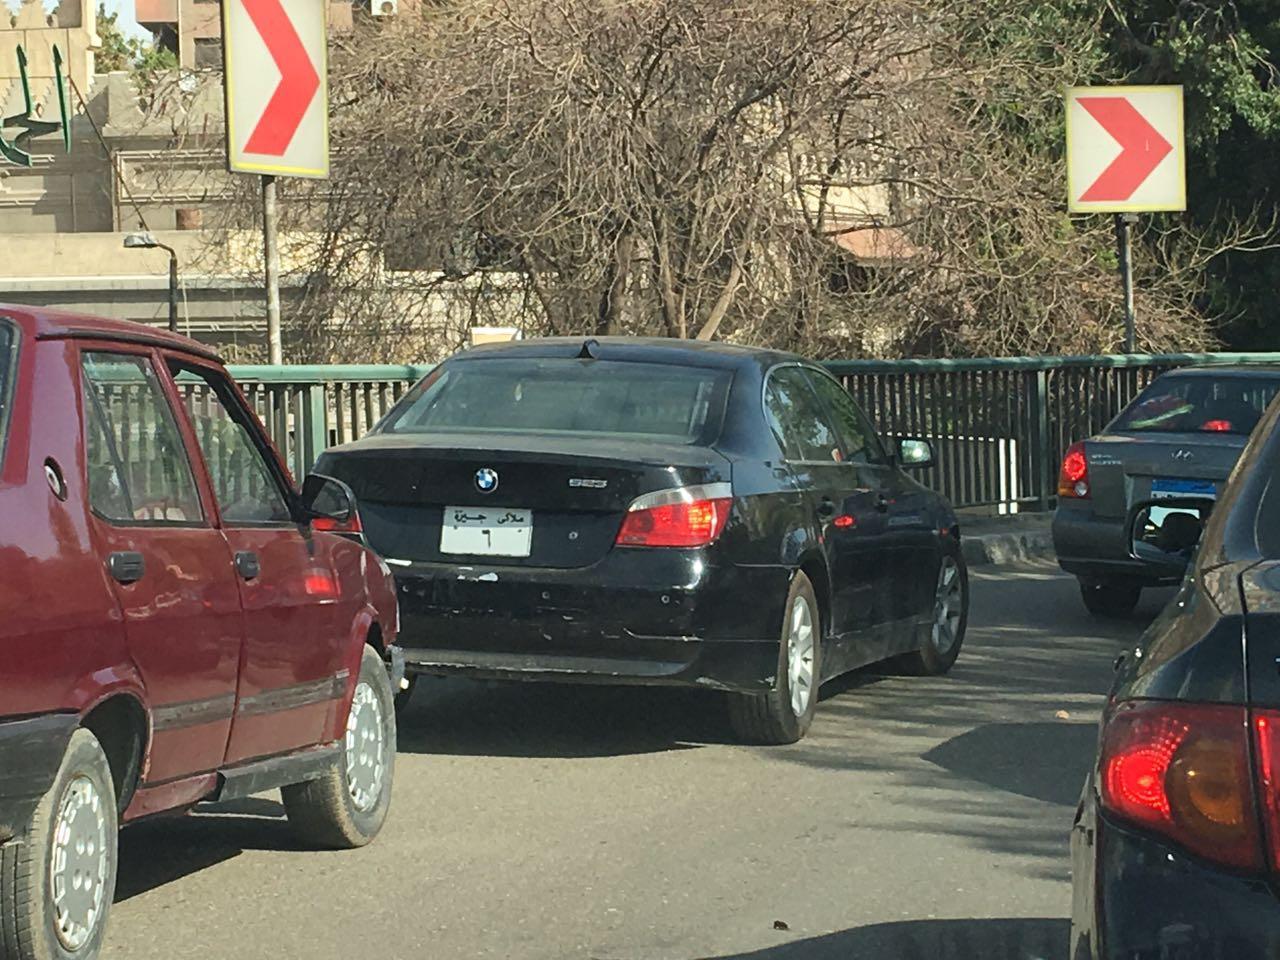 سيارة بلوحات معدنية مخالفة تتحرك بحرية على كوبري 15 مايو